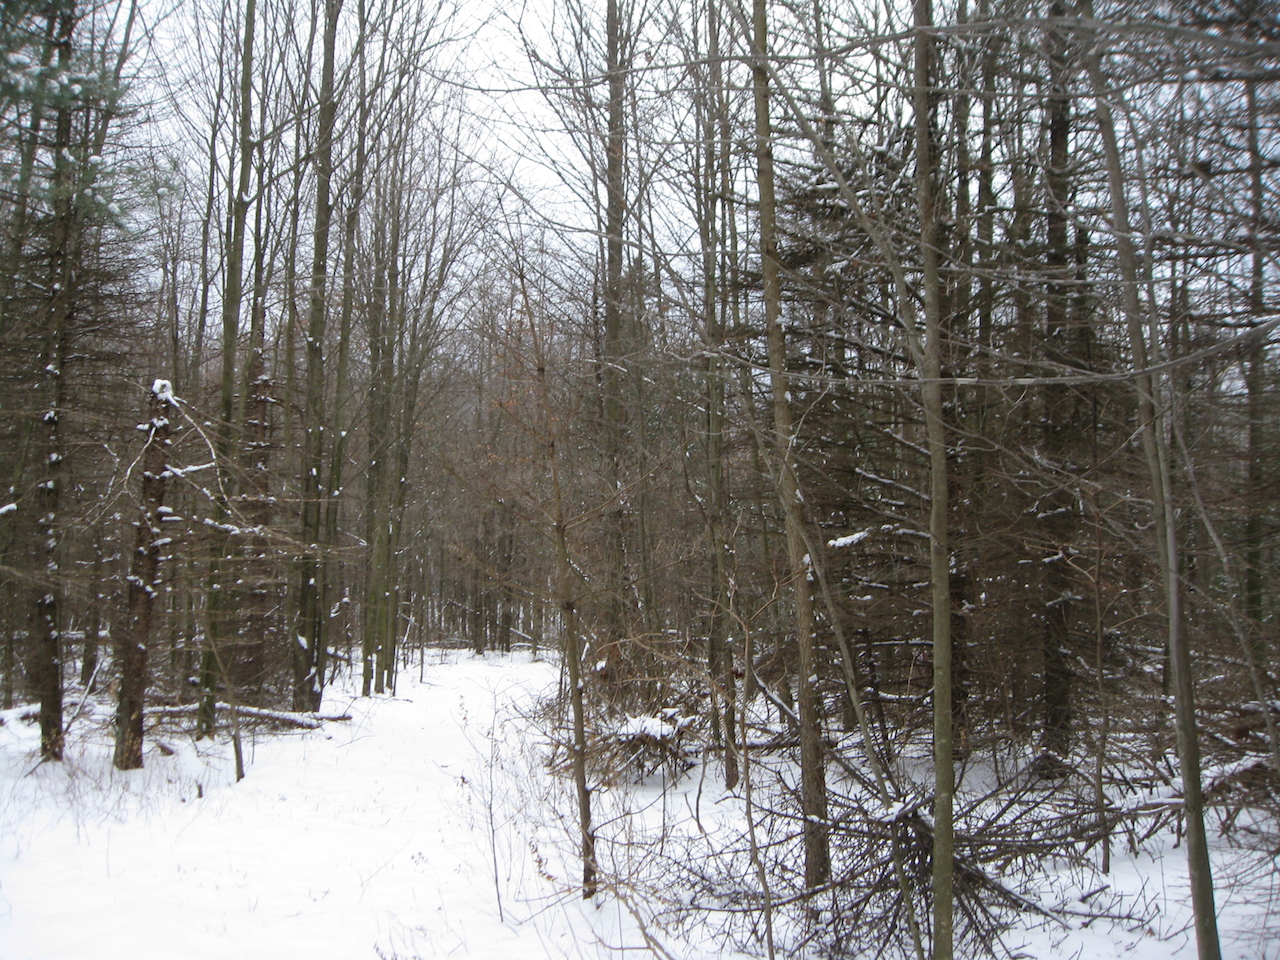 Đất đai vì Bán tại Building Parcel - Close Proximity To Town A 62nd Street Holland, Michigan, 49423 Hoa Kỳ